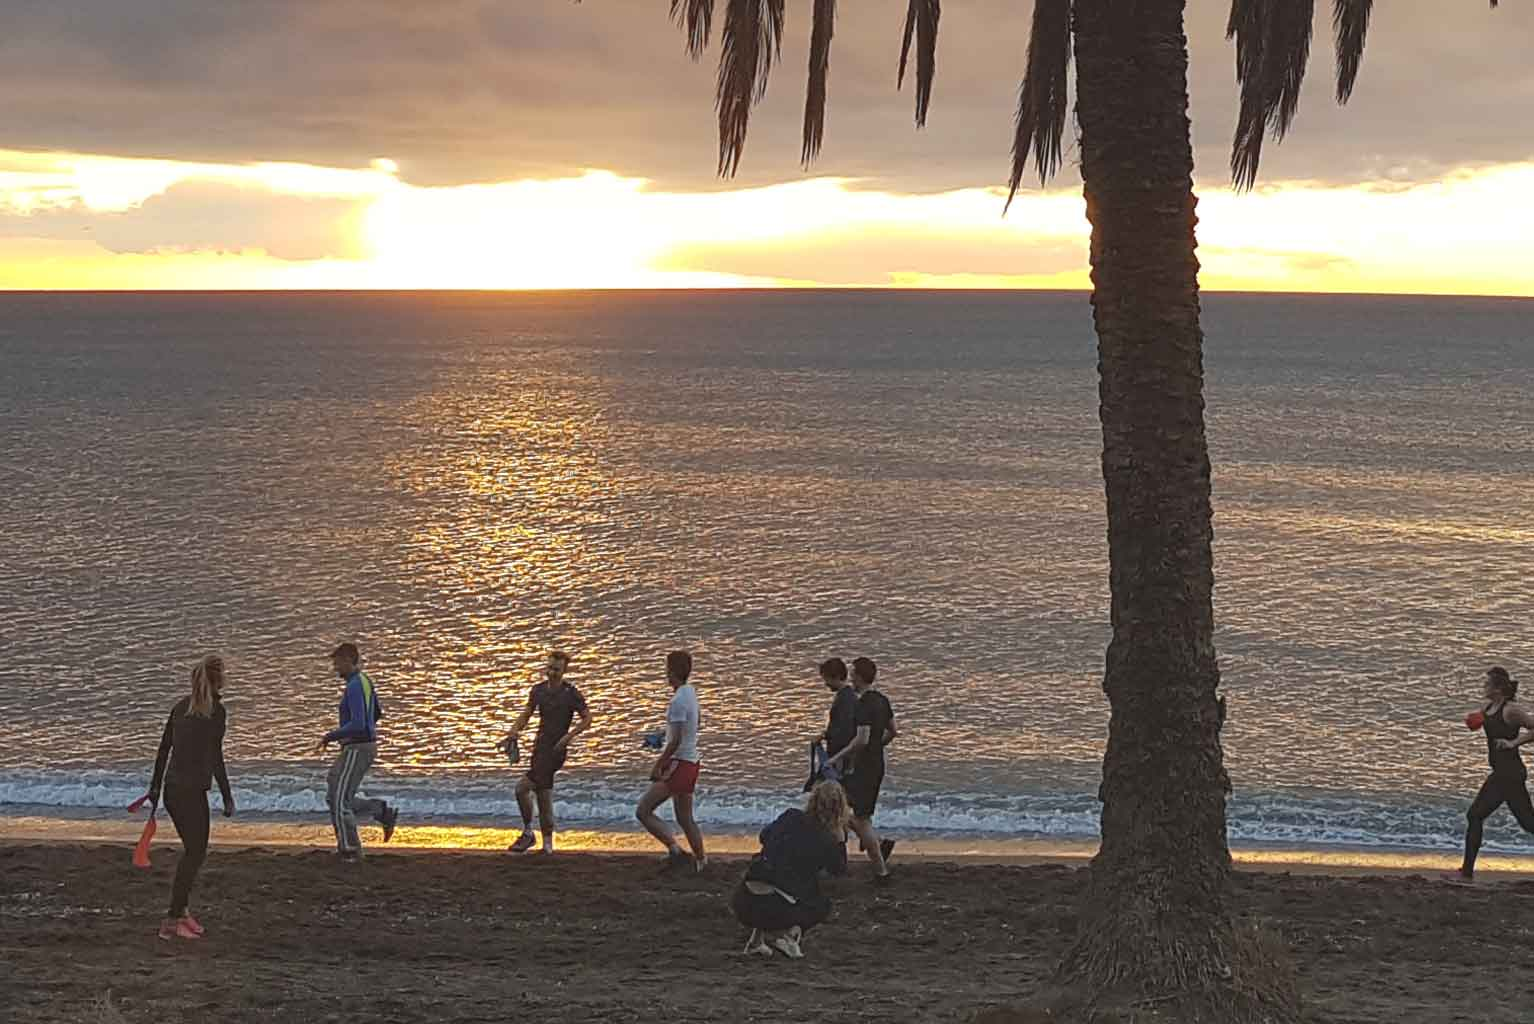 Aventura Marbella, Turismo Activo, Team Building y Incentivos, Eventos Corporativos, Málaga Andalucía Costa del Sol. Team4you